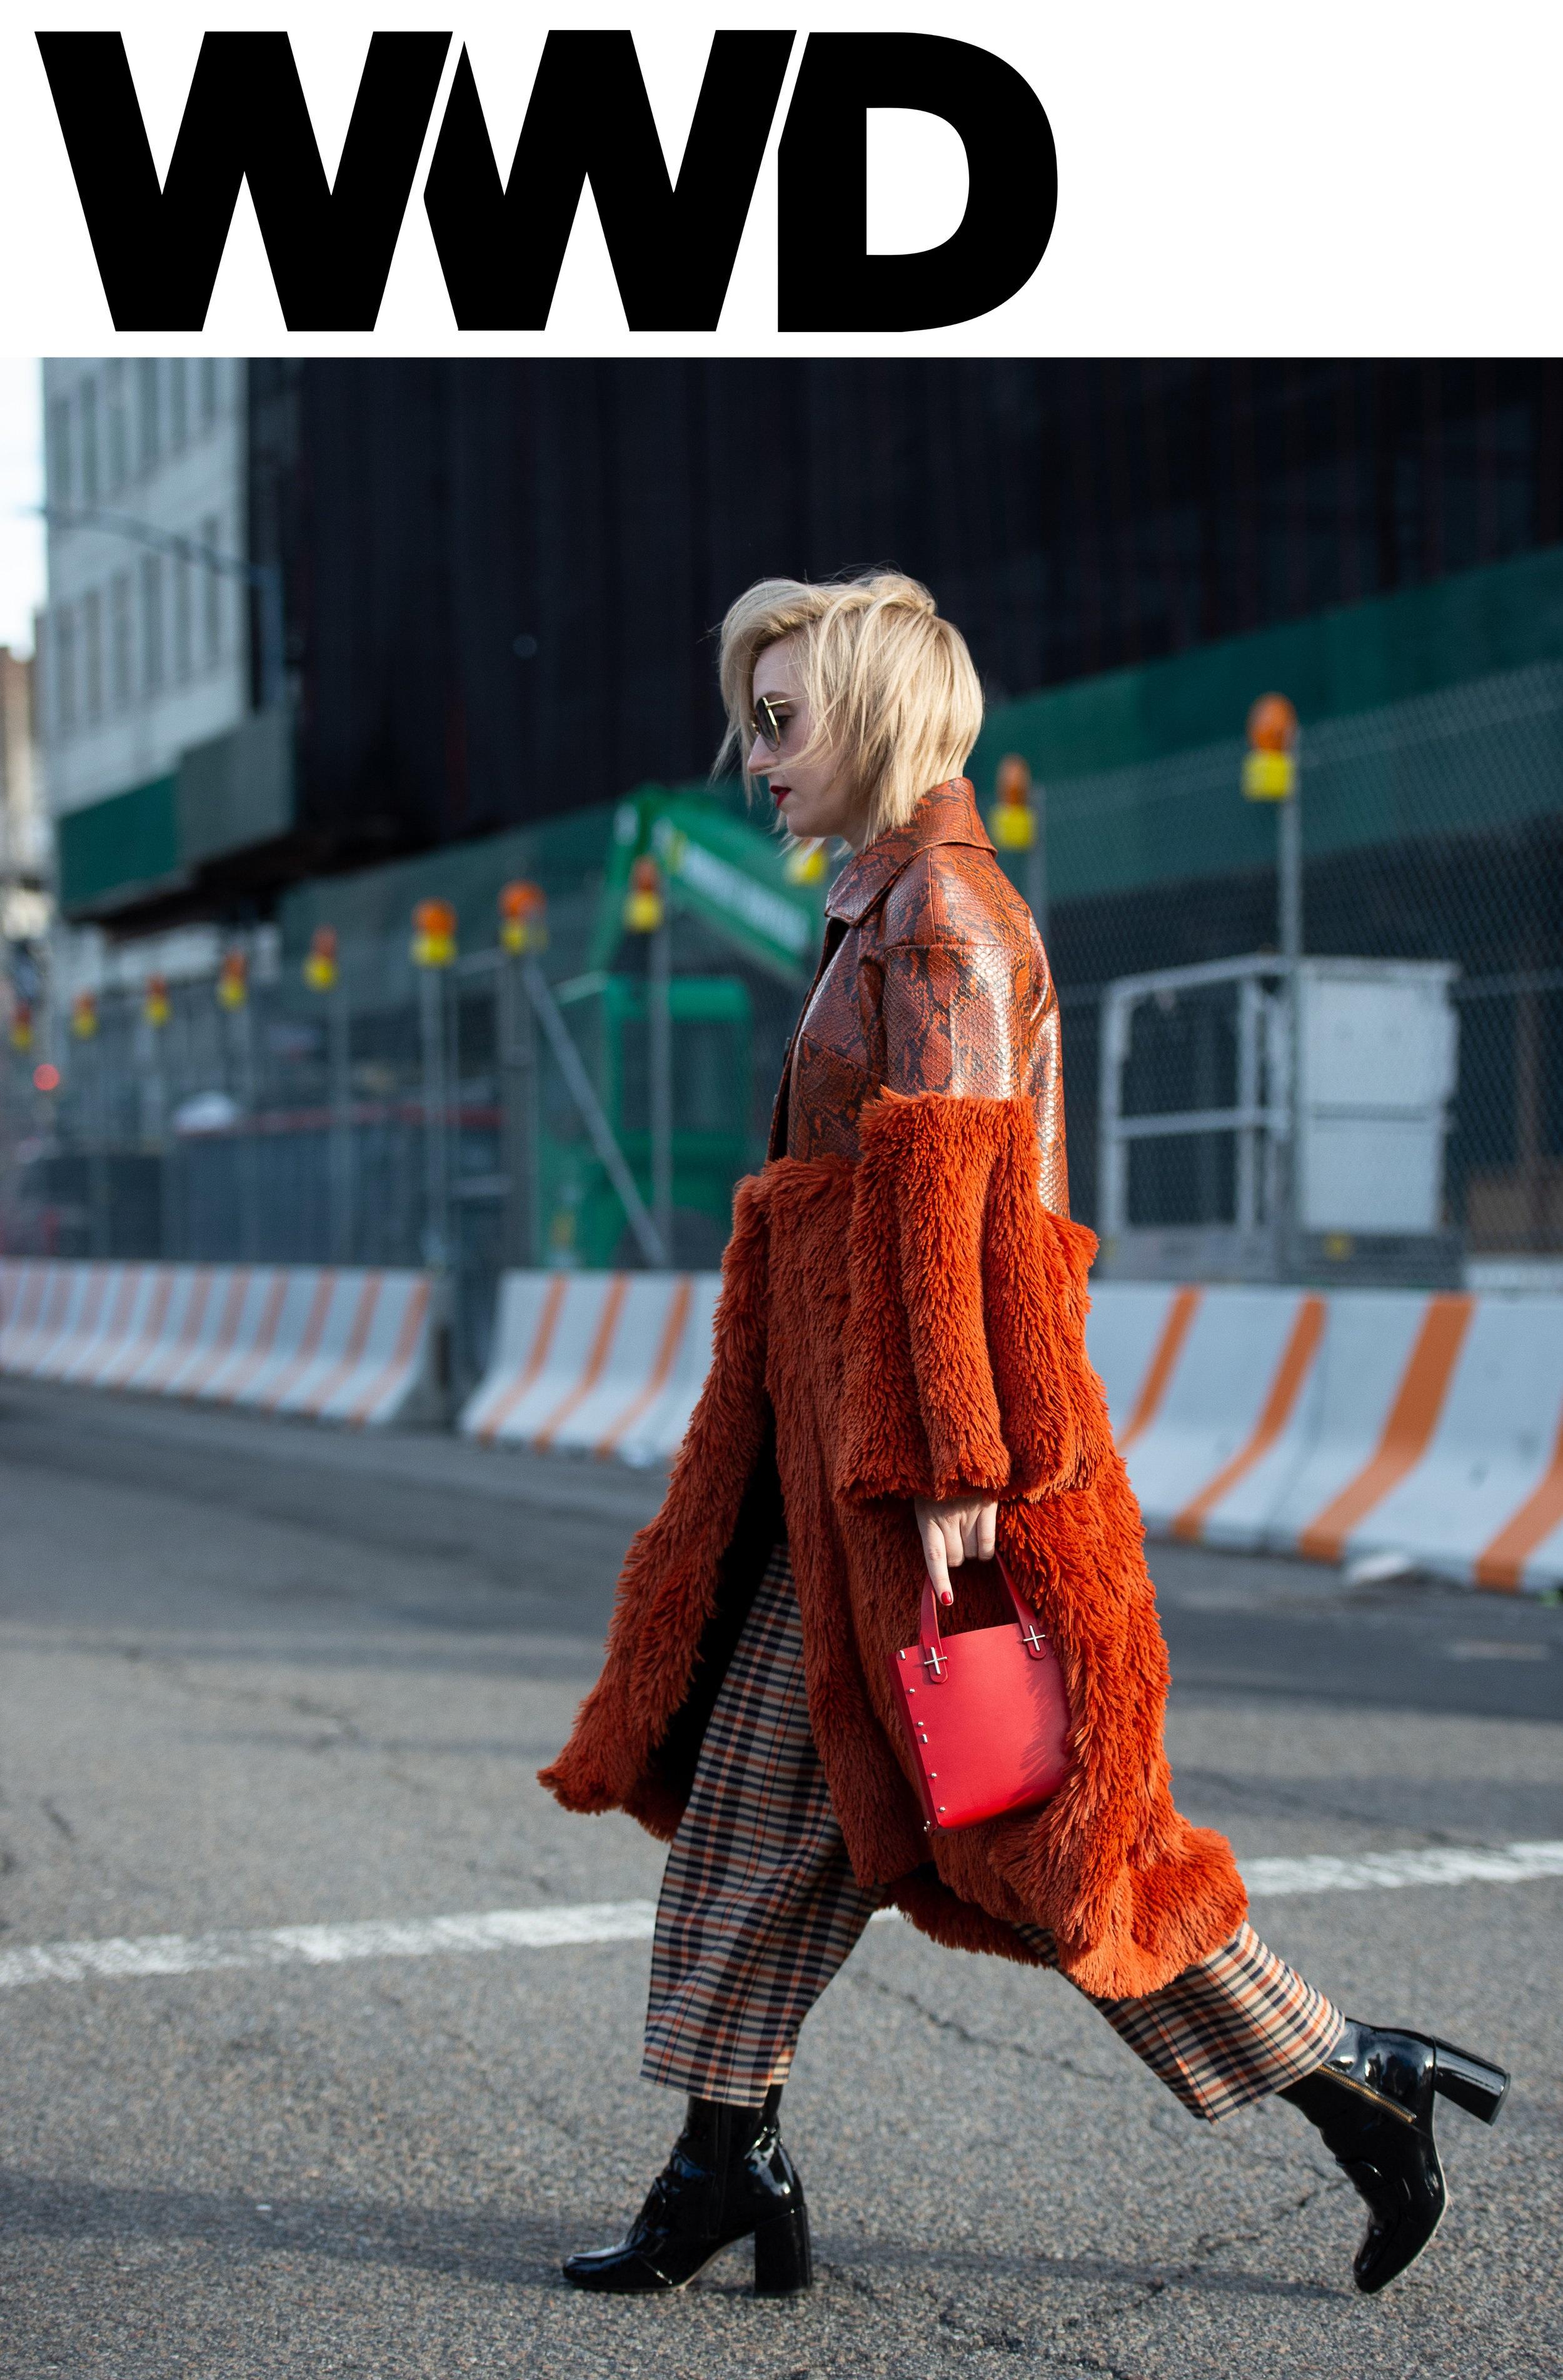 wwd nyfw new york fashion week